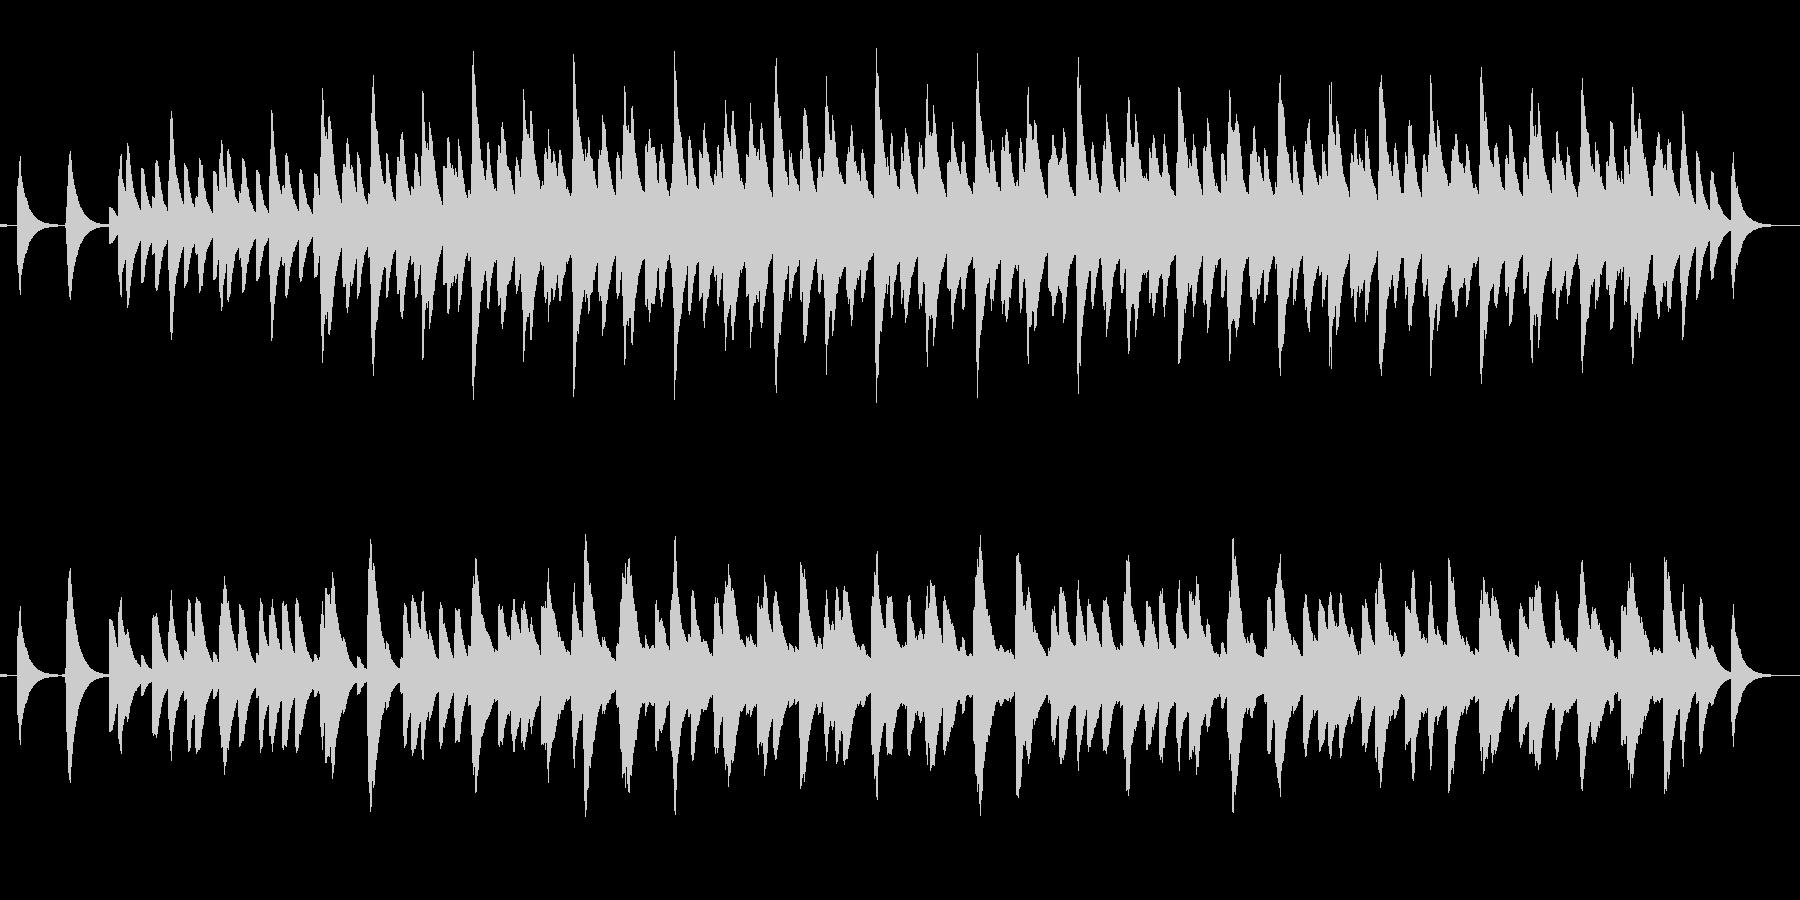 さまざまな間隔のベル音の未再生の波形